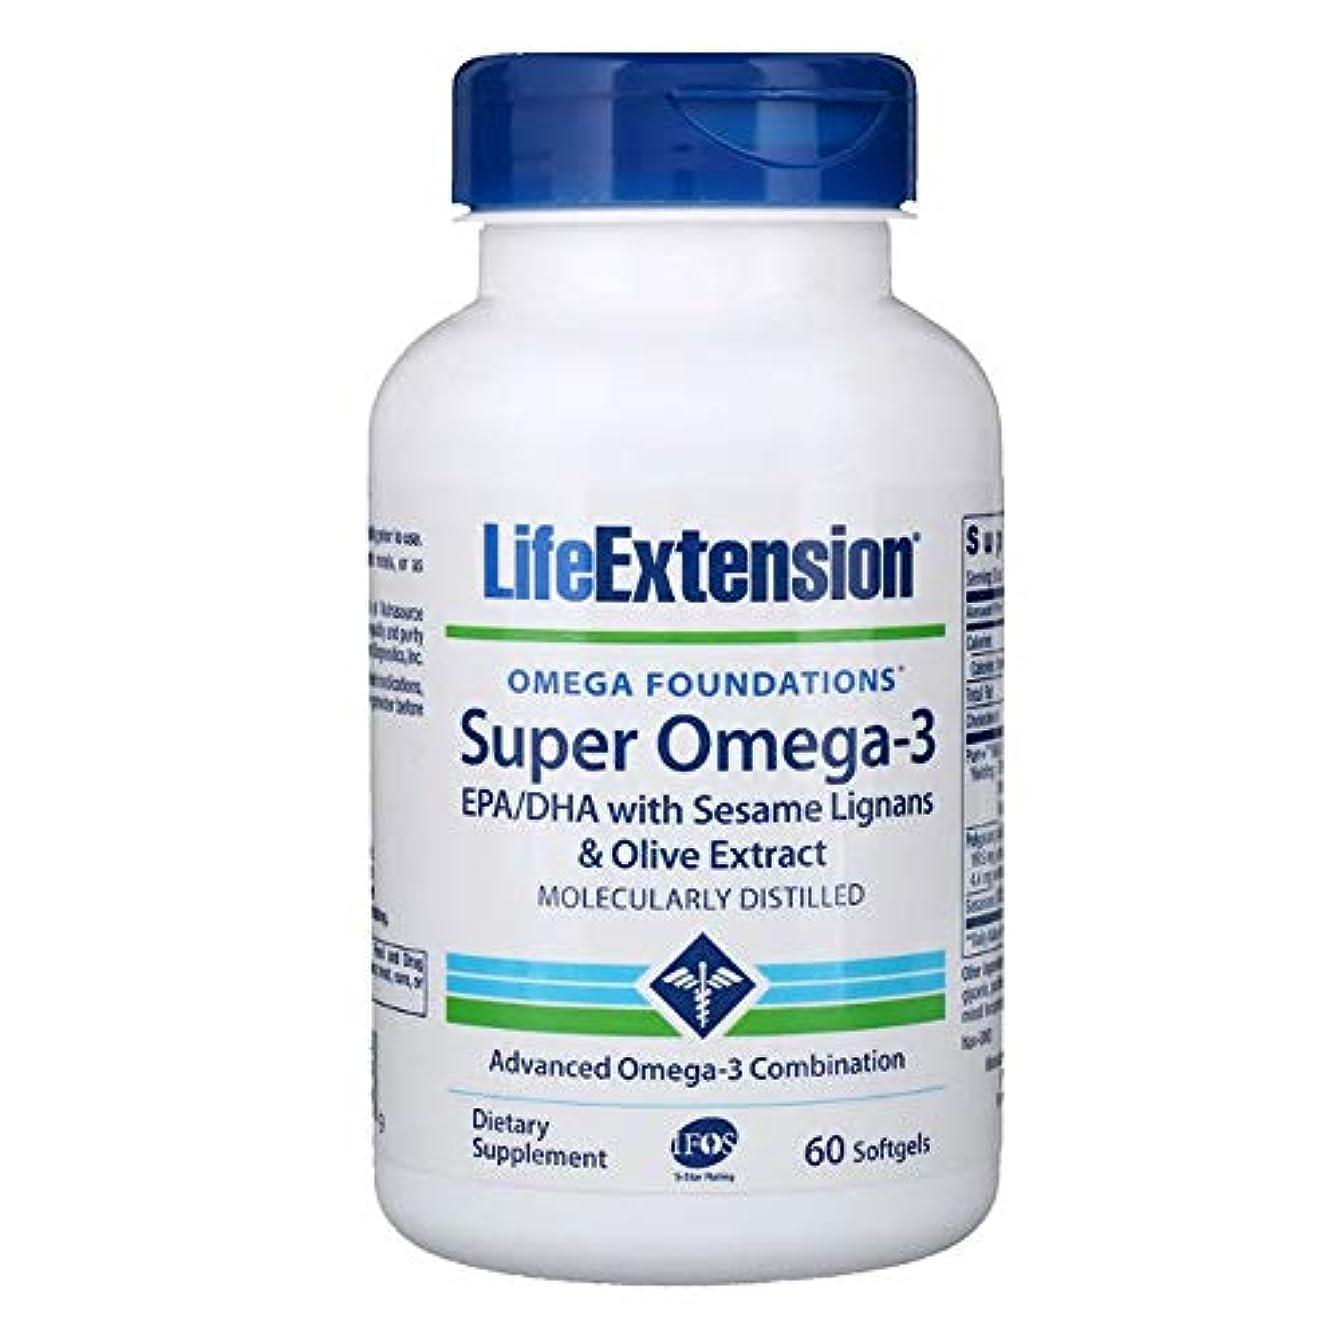 損傷有力者排出Life Extension オメガファンデーション オメガの基盤 スーパーオメガ 3 ソフトジェル 60粒 【アメリカ直送】